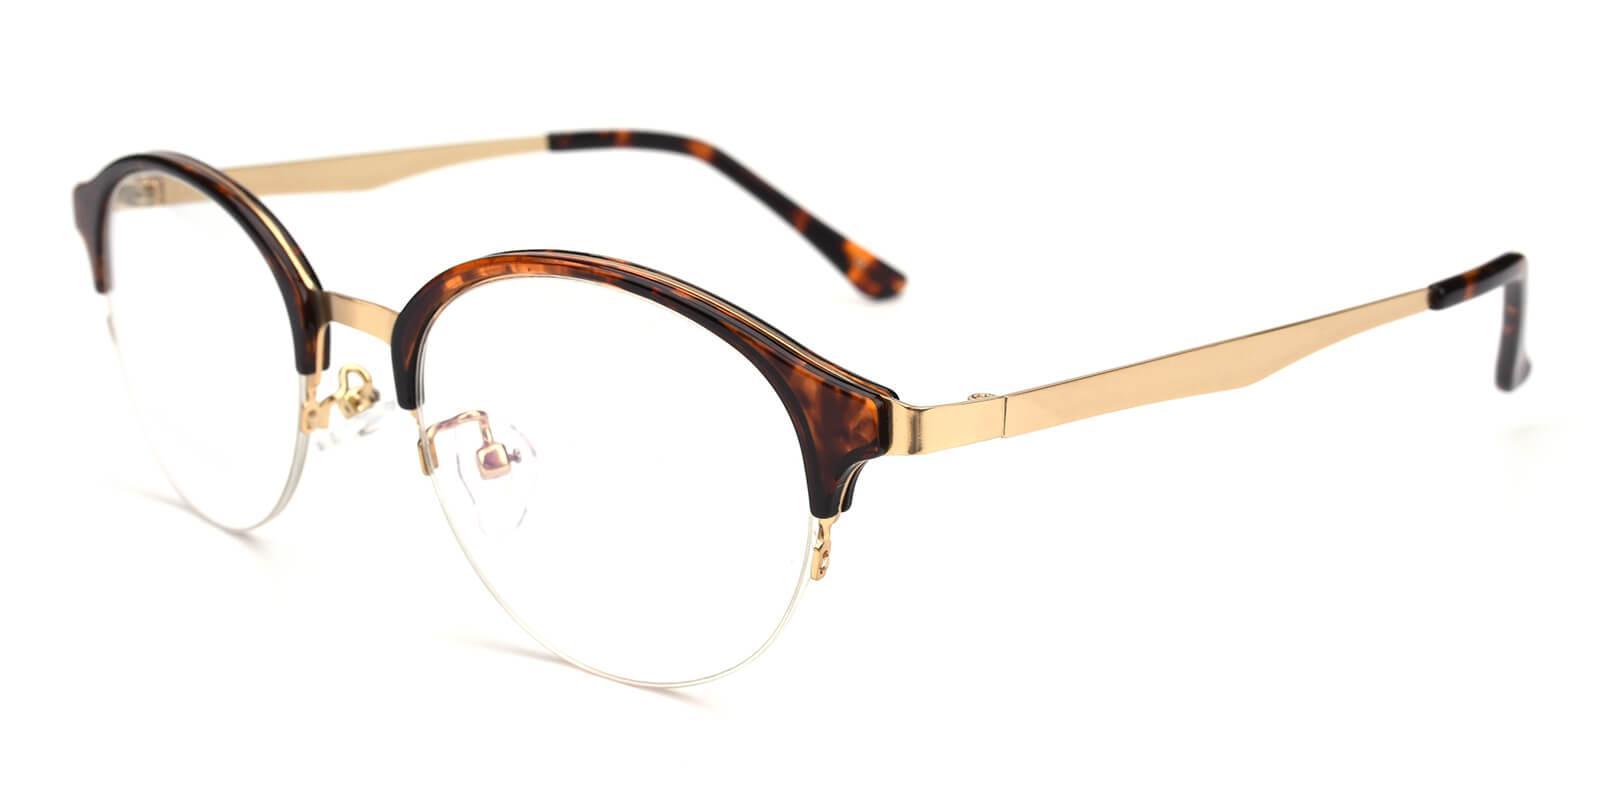 Akaaro-Tortoise-Oval-Metal-Eyeglasses-additional1